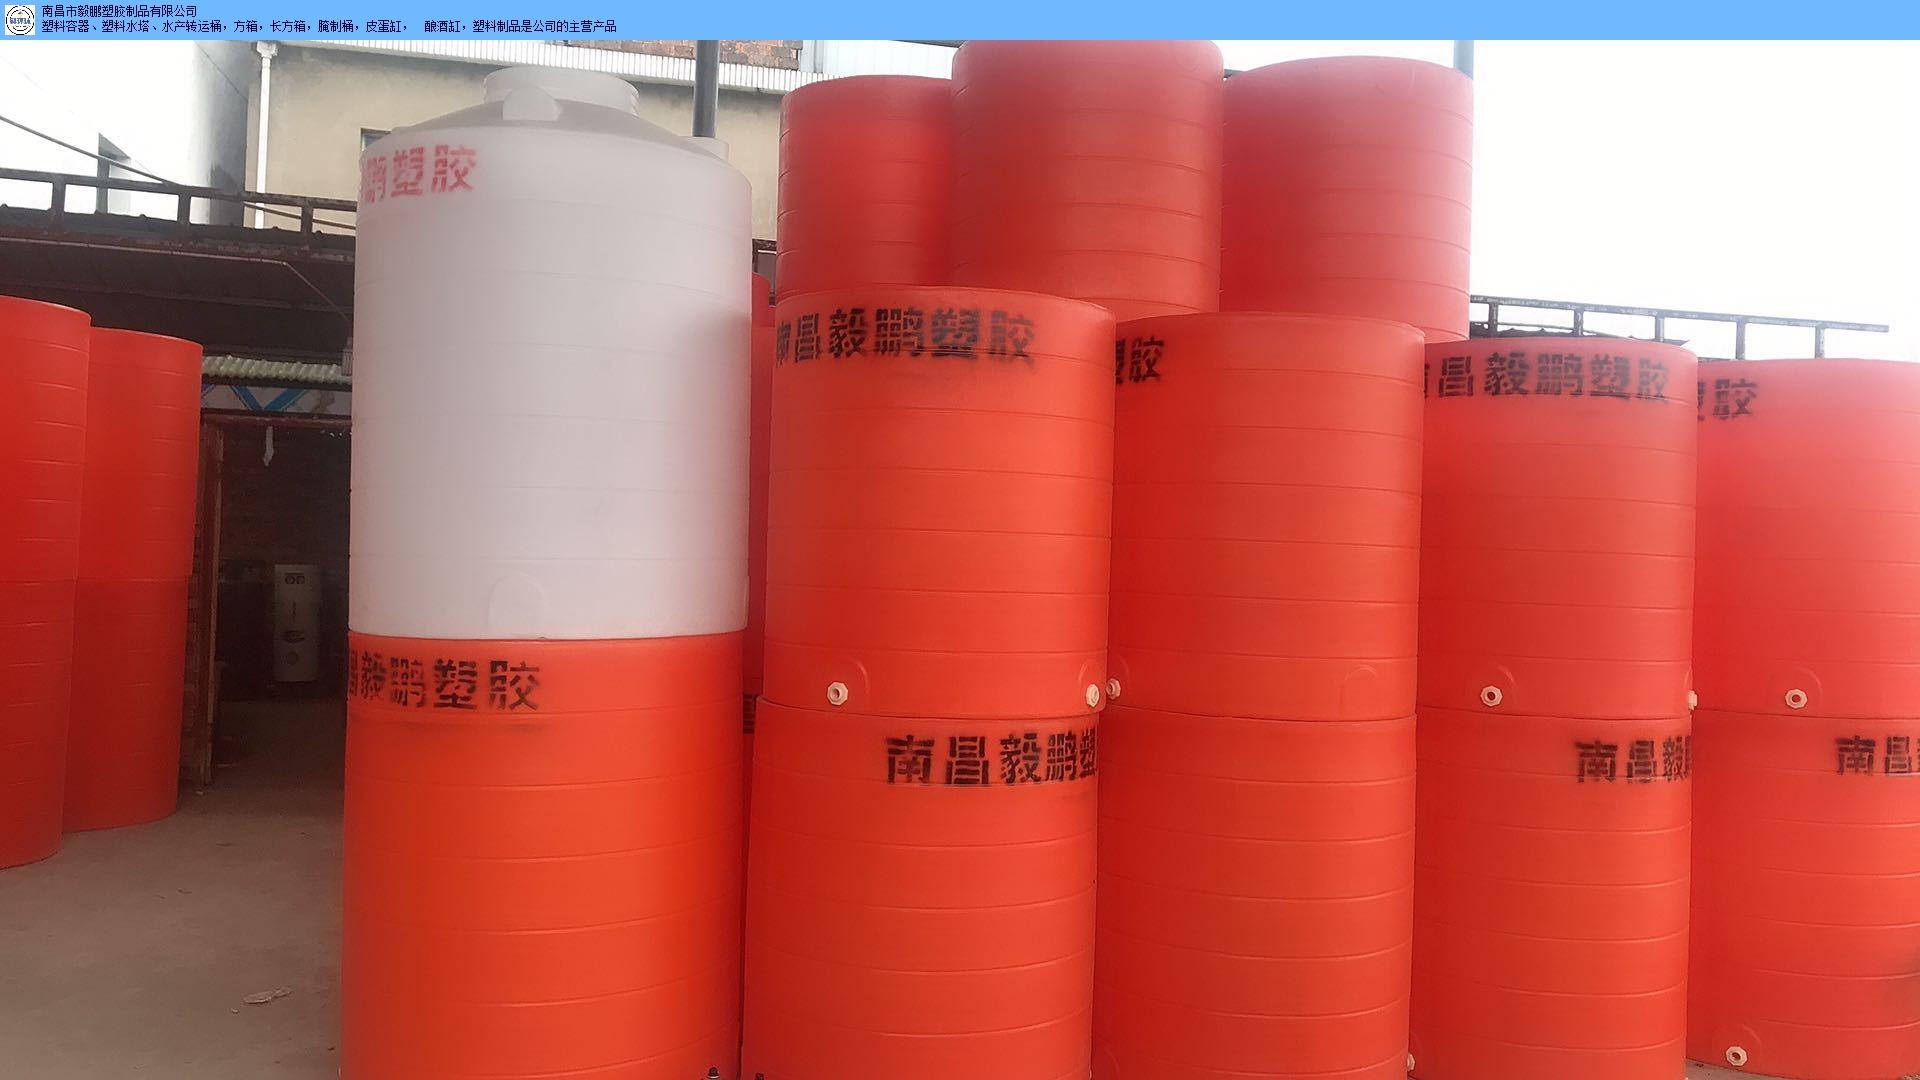 西湖区养殖圆桶批发 信息推荐 南昌市毅鹏塑胶制品供应